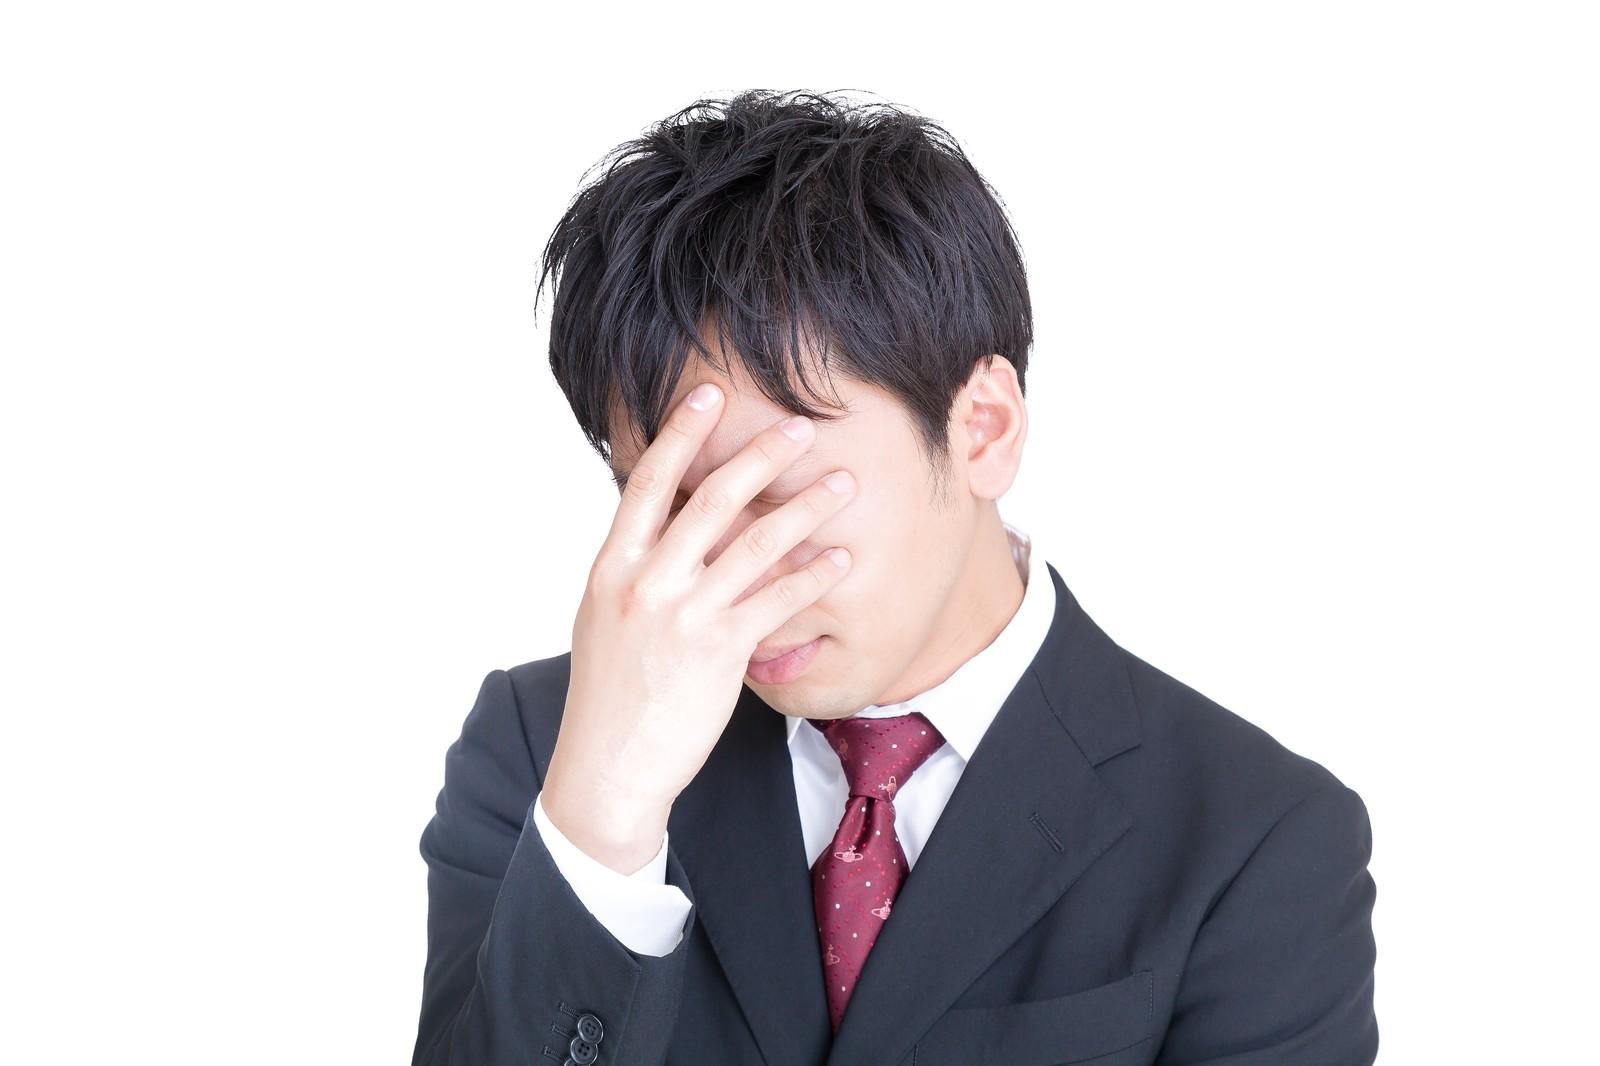 頭痛の種類・原因・対処法まとめ…セラピスト目線の解説